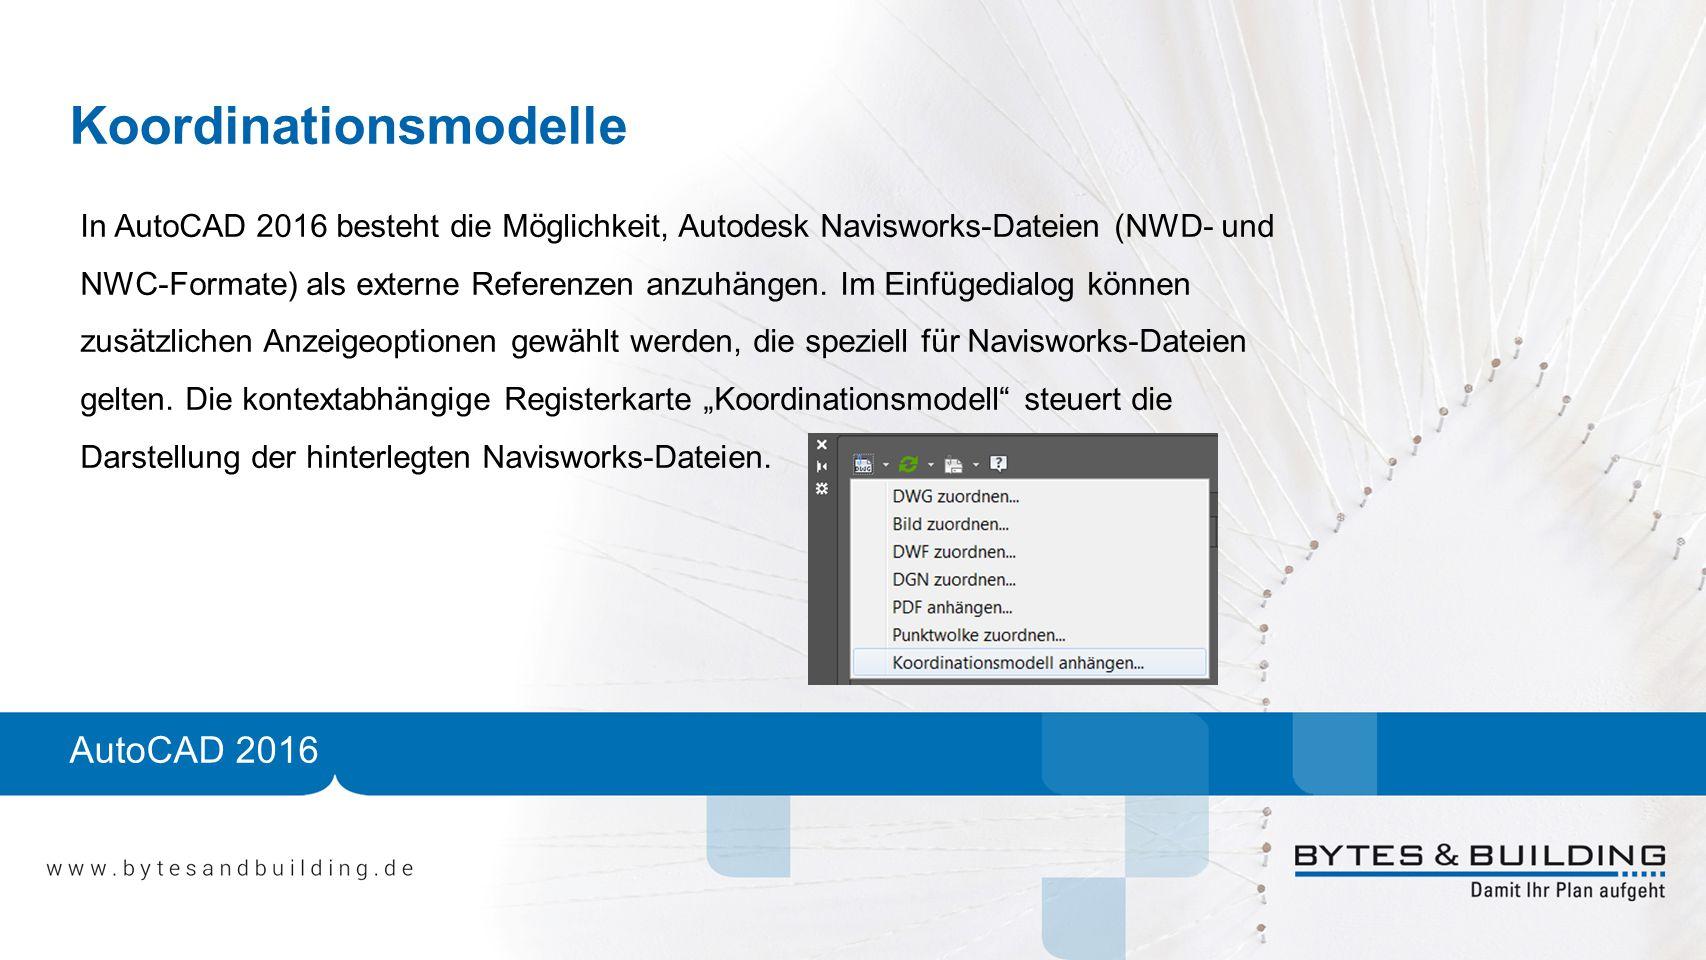 Koordinationsmodelle In AutoCAD 2016 besteht die Möglichkeit, Autodesk Navisworks-Dateien (NWD- und NWC-Formate) als externe Referenzen anzuhängen. Im